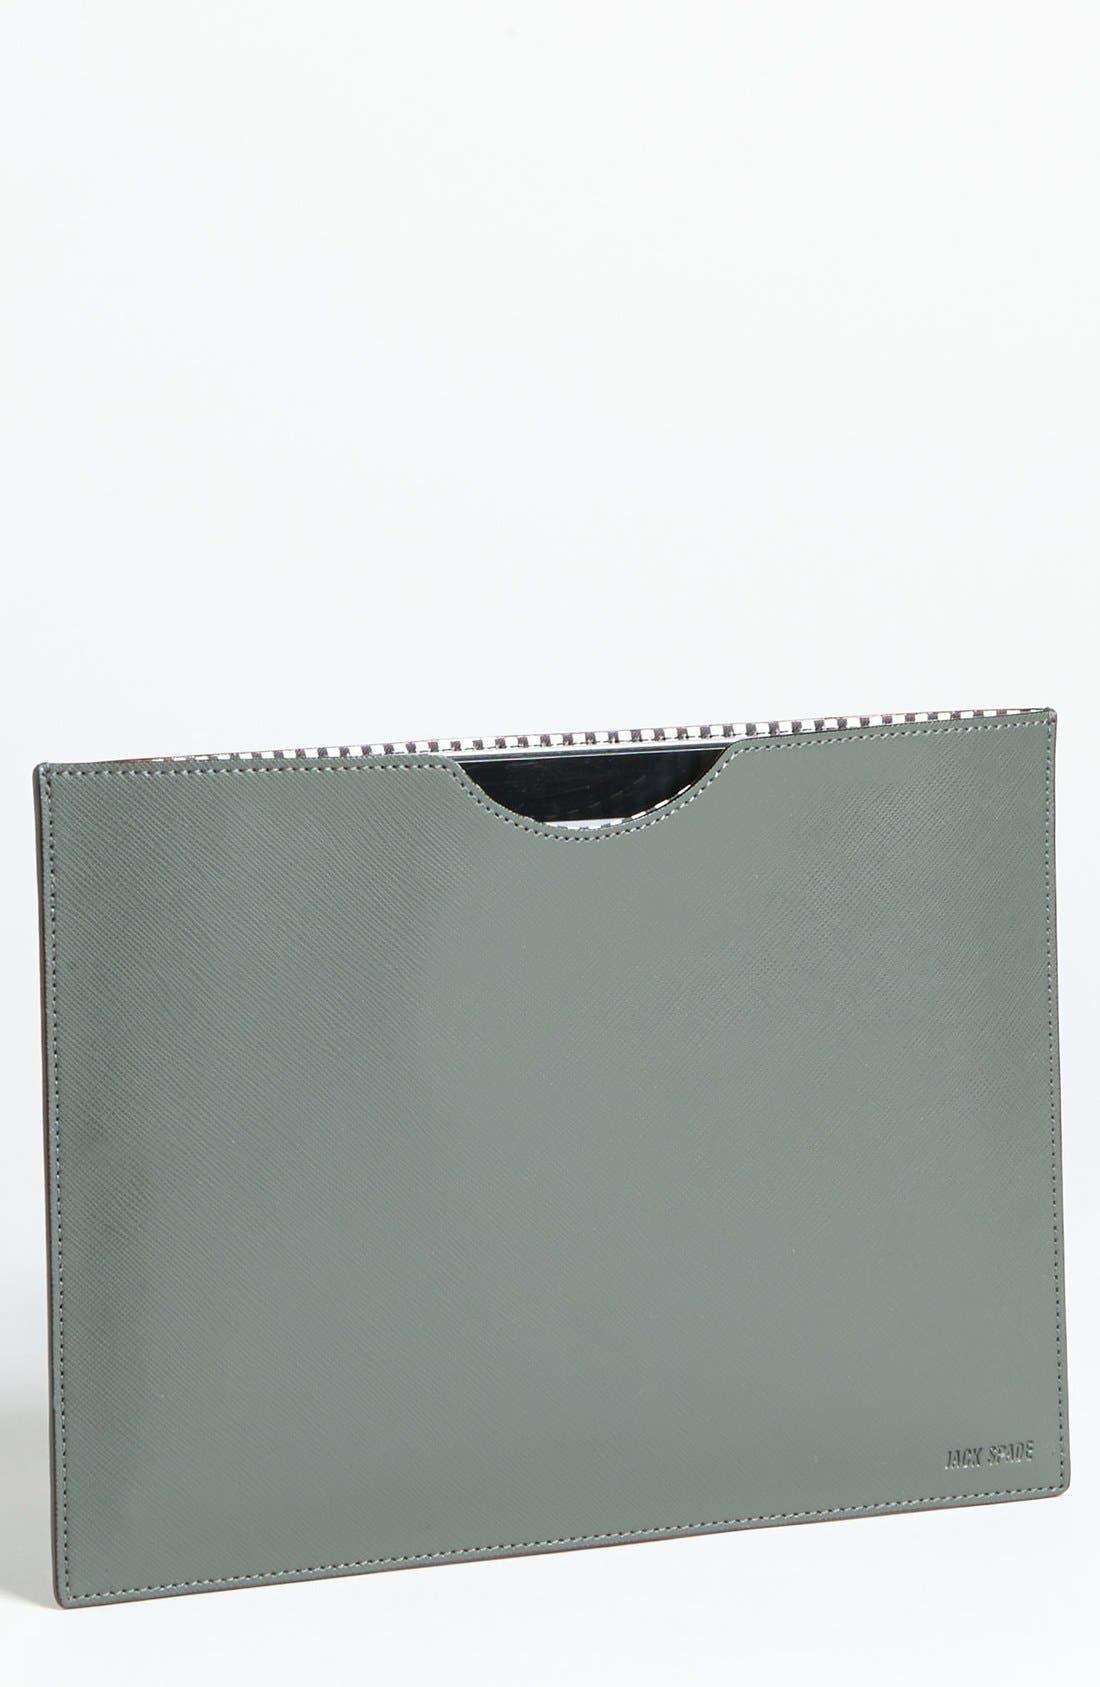 Main Image - Jack Spade Tablet Case